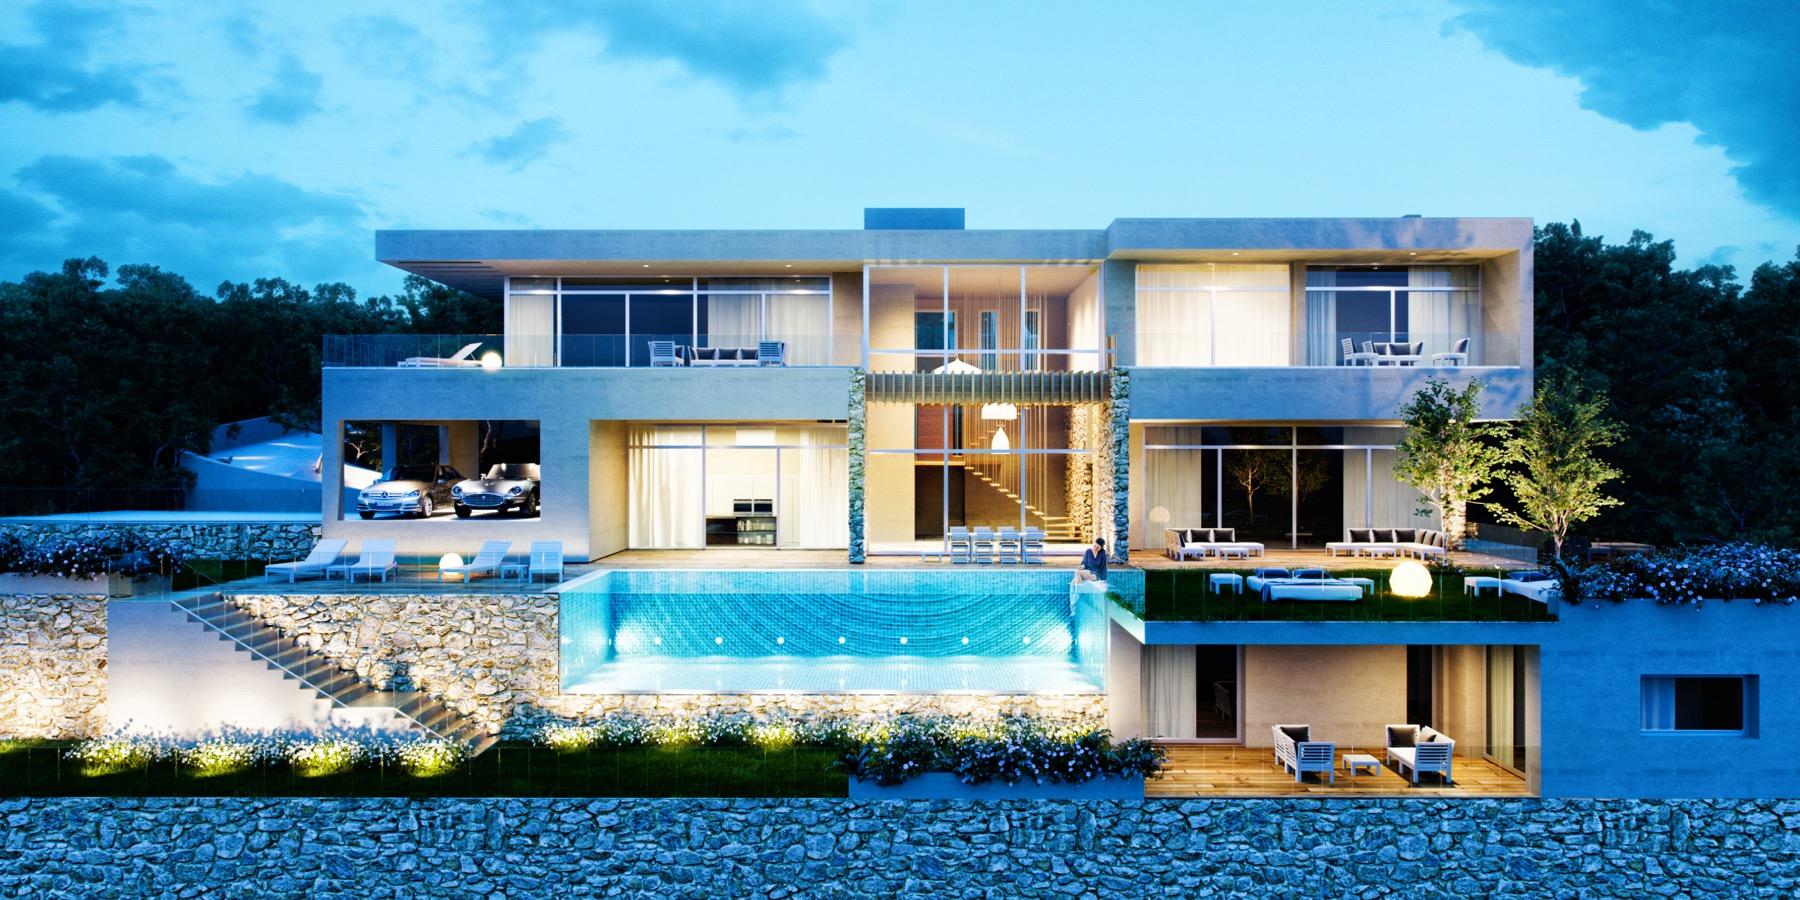 La montua arquitectos m laga especialidad viviendas unifamiliares arturo montilla - Casas prefabricadas en malaga ...